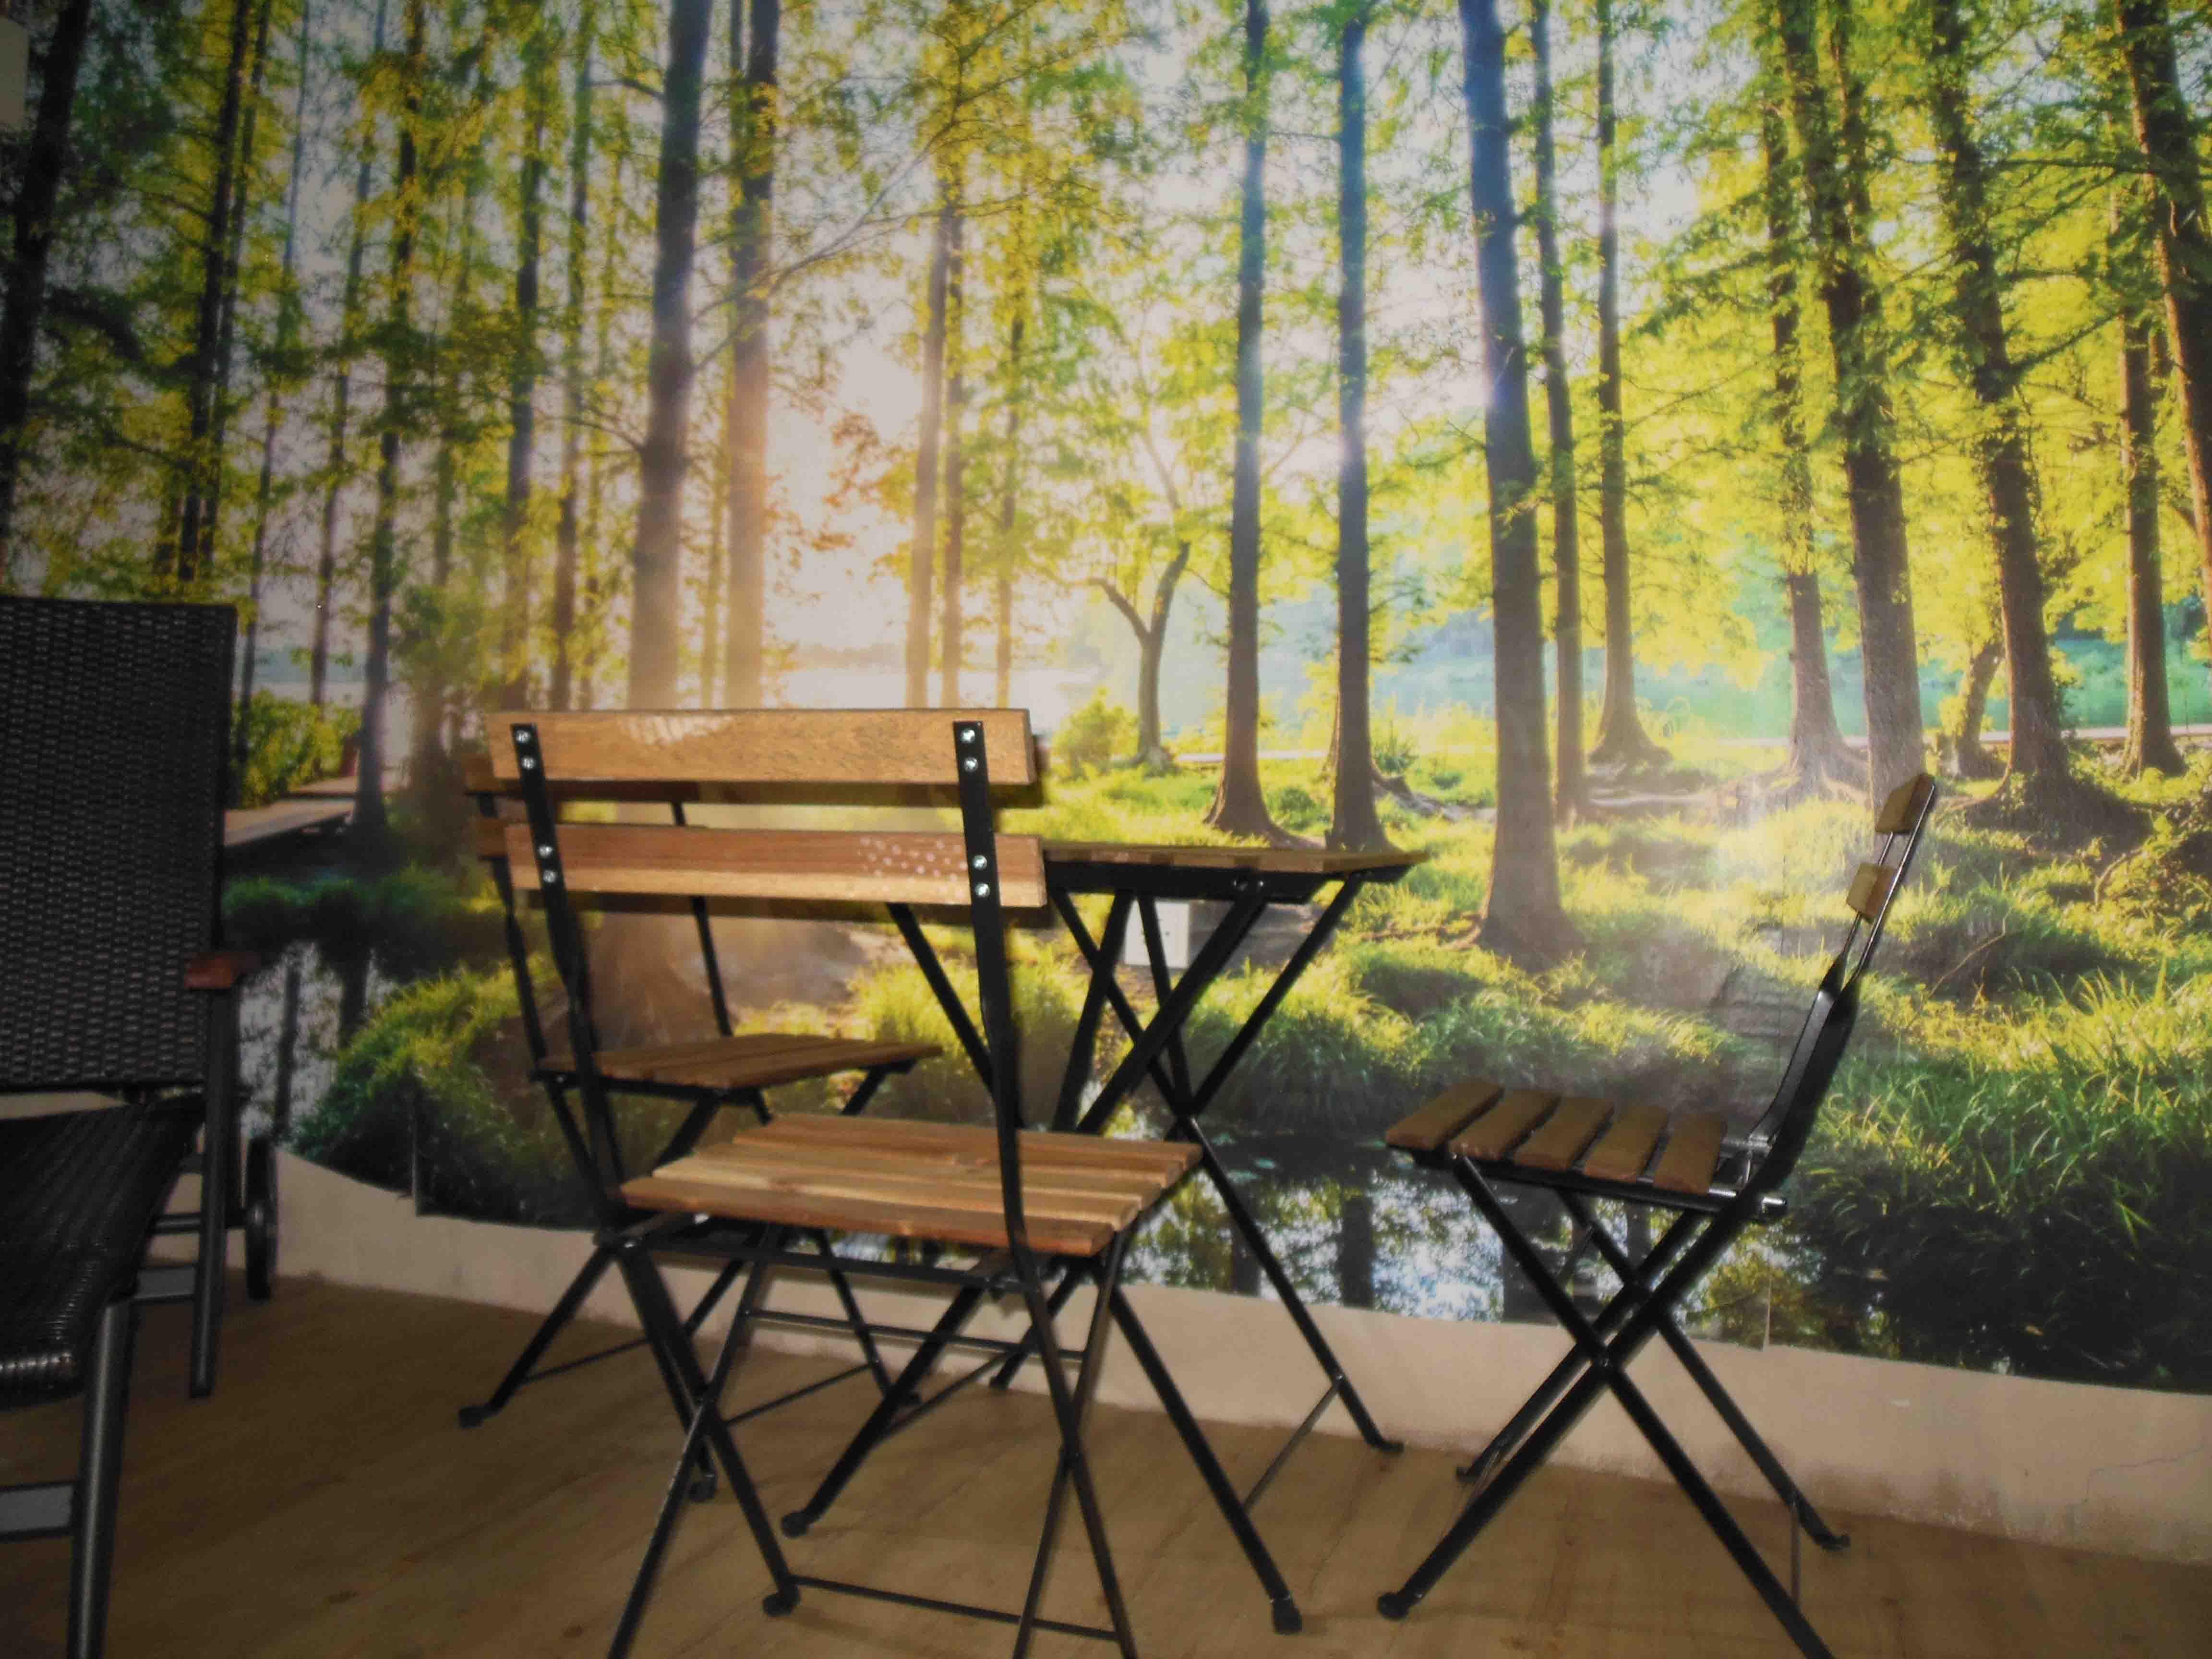 ffnungszeiten schwimmbad sauna. Black Bedroom Furniture Sets. Home Design Ideas